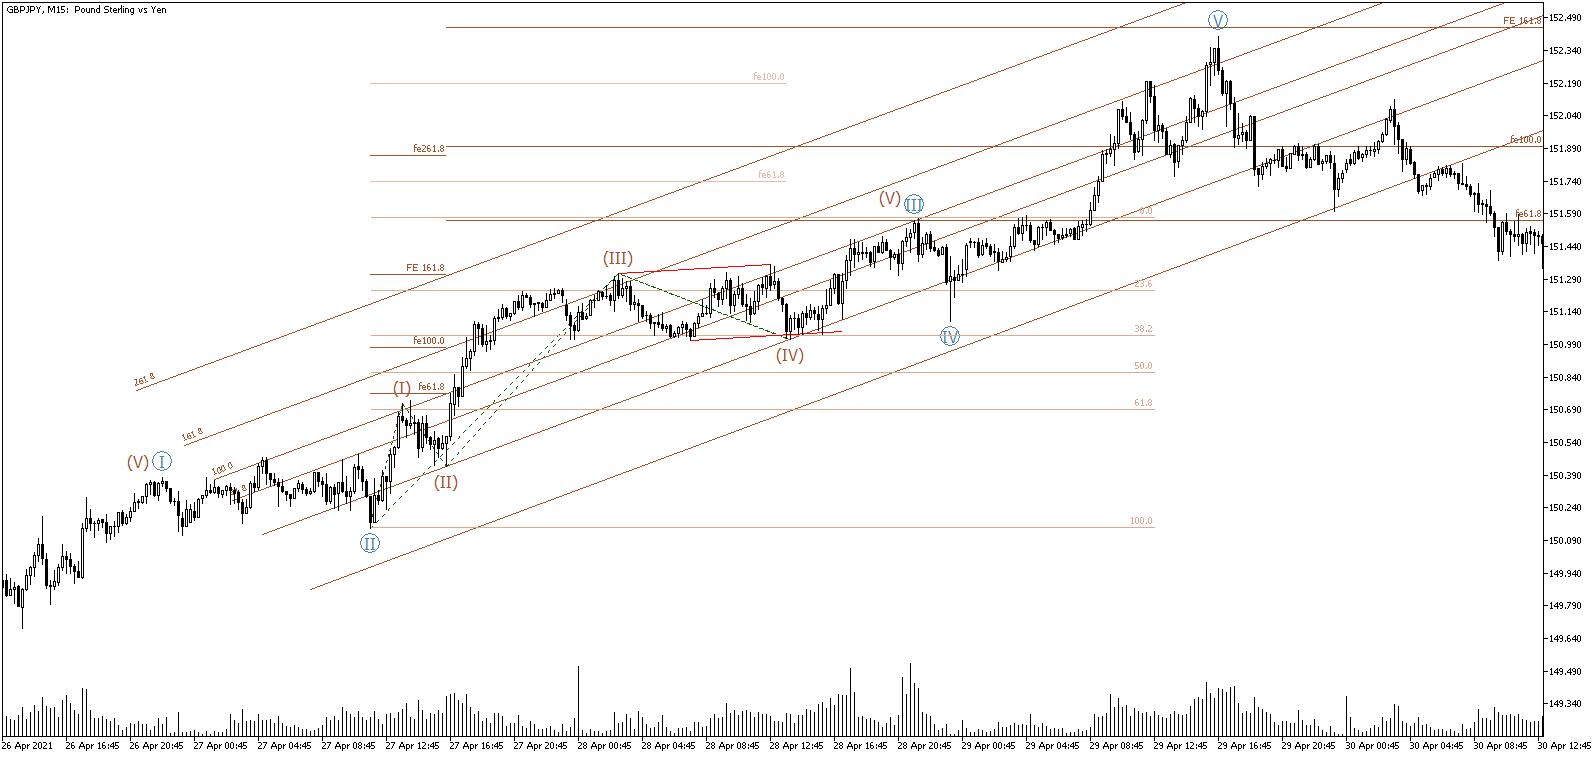 20210423gbpjpym15b